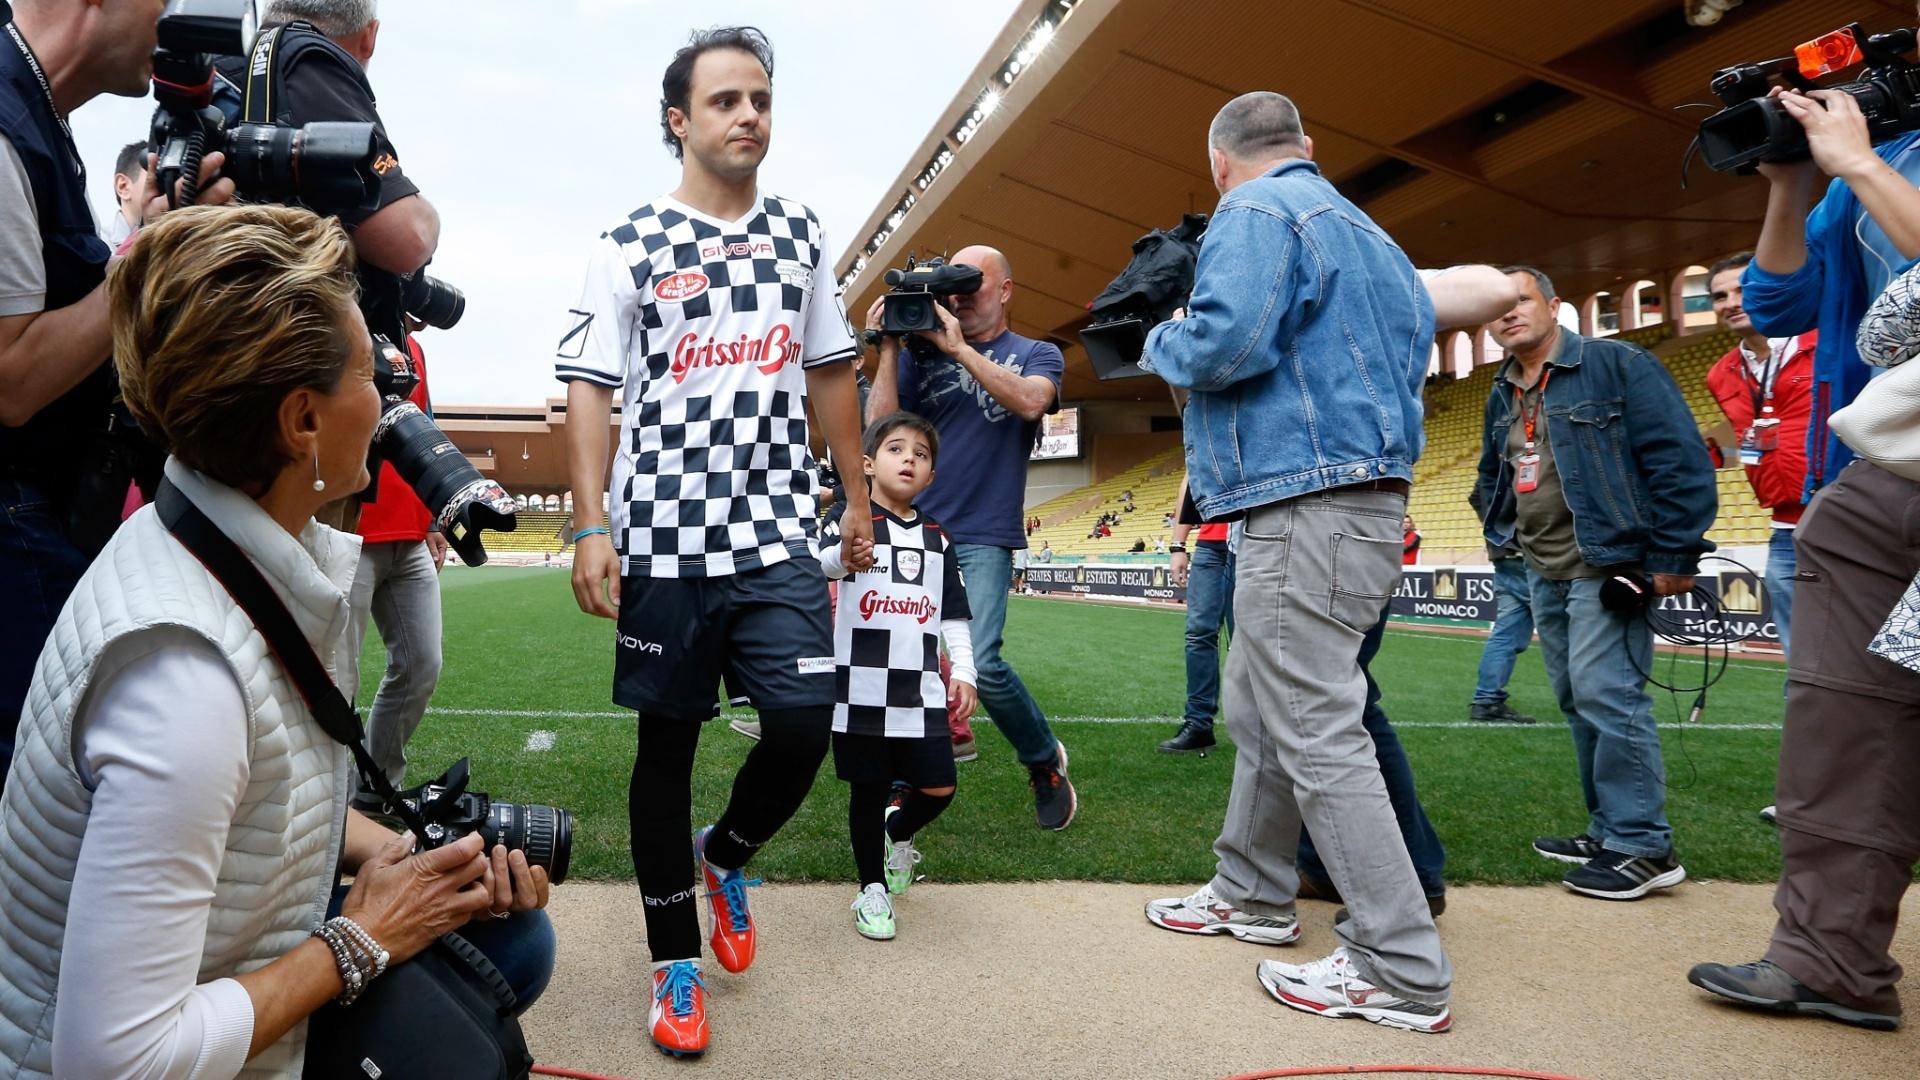 Massa levou o filho Felipinho para acompanhar o pai na pelada em Mônaco